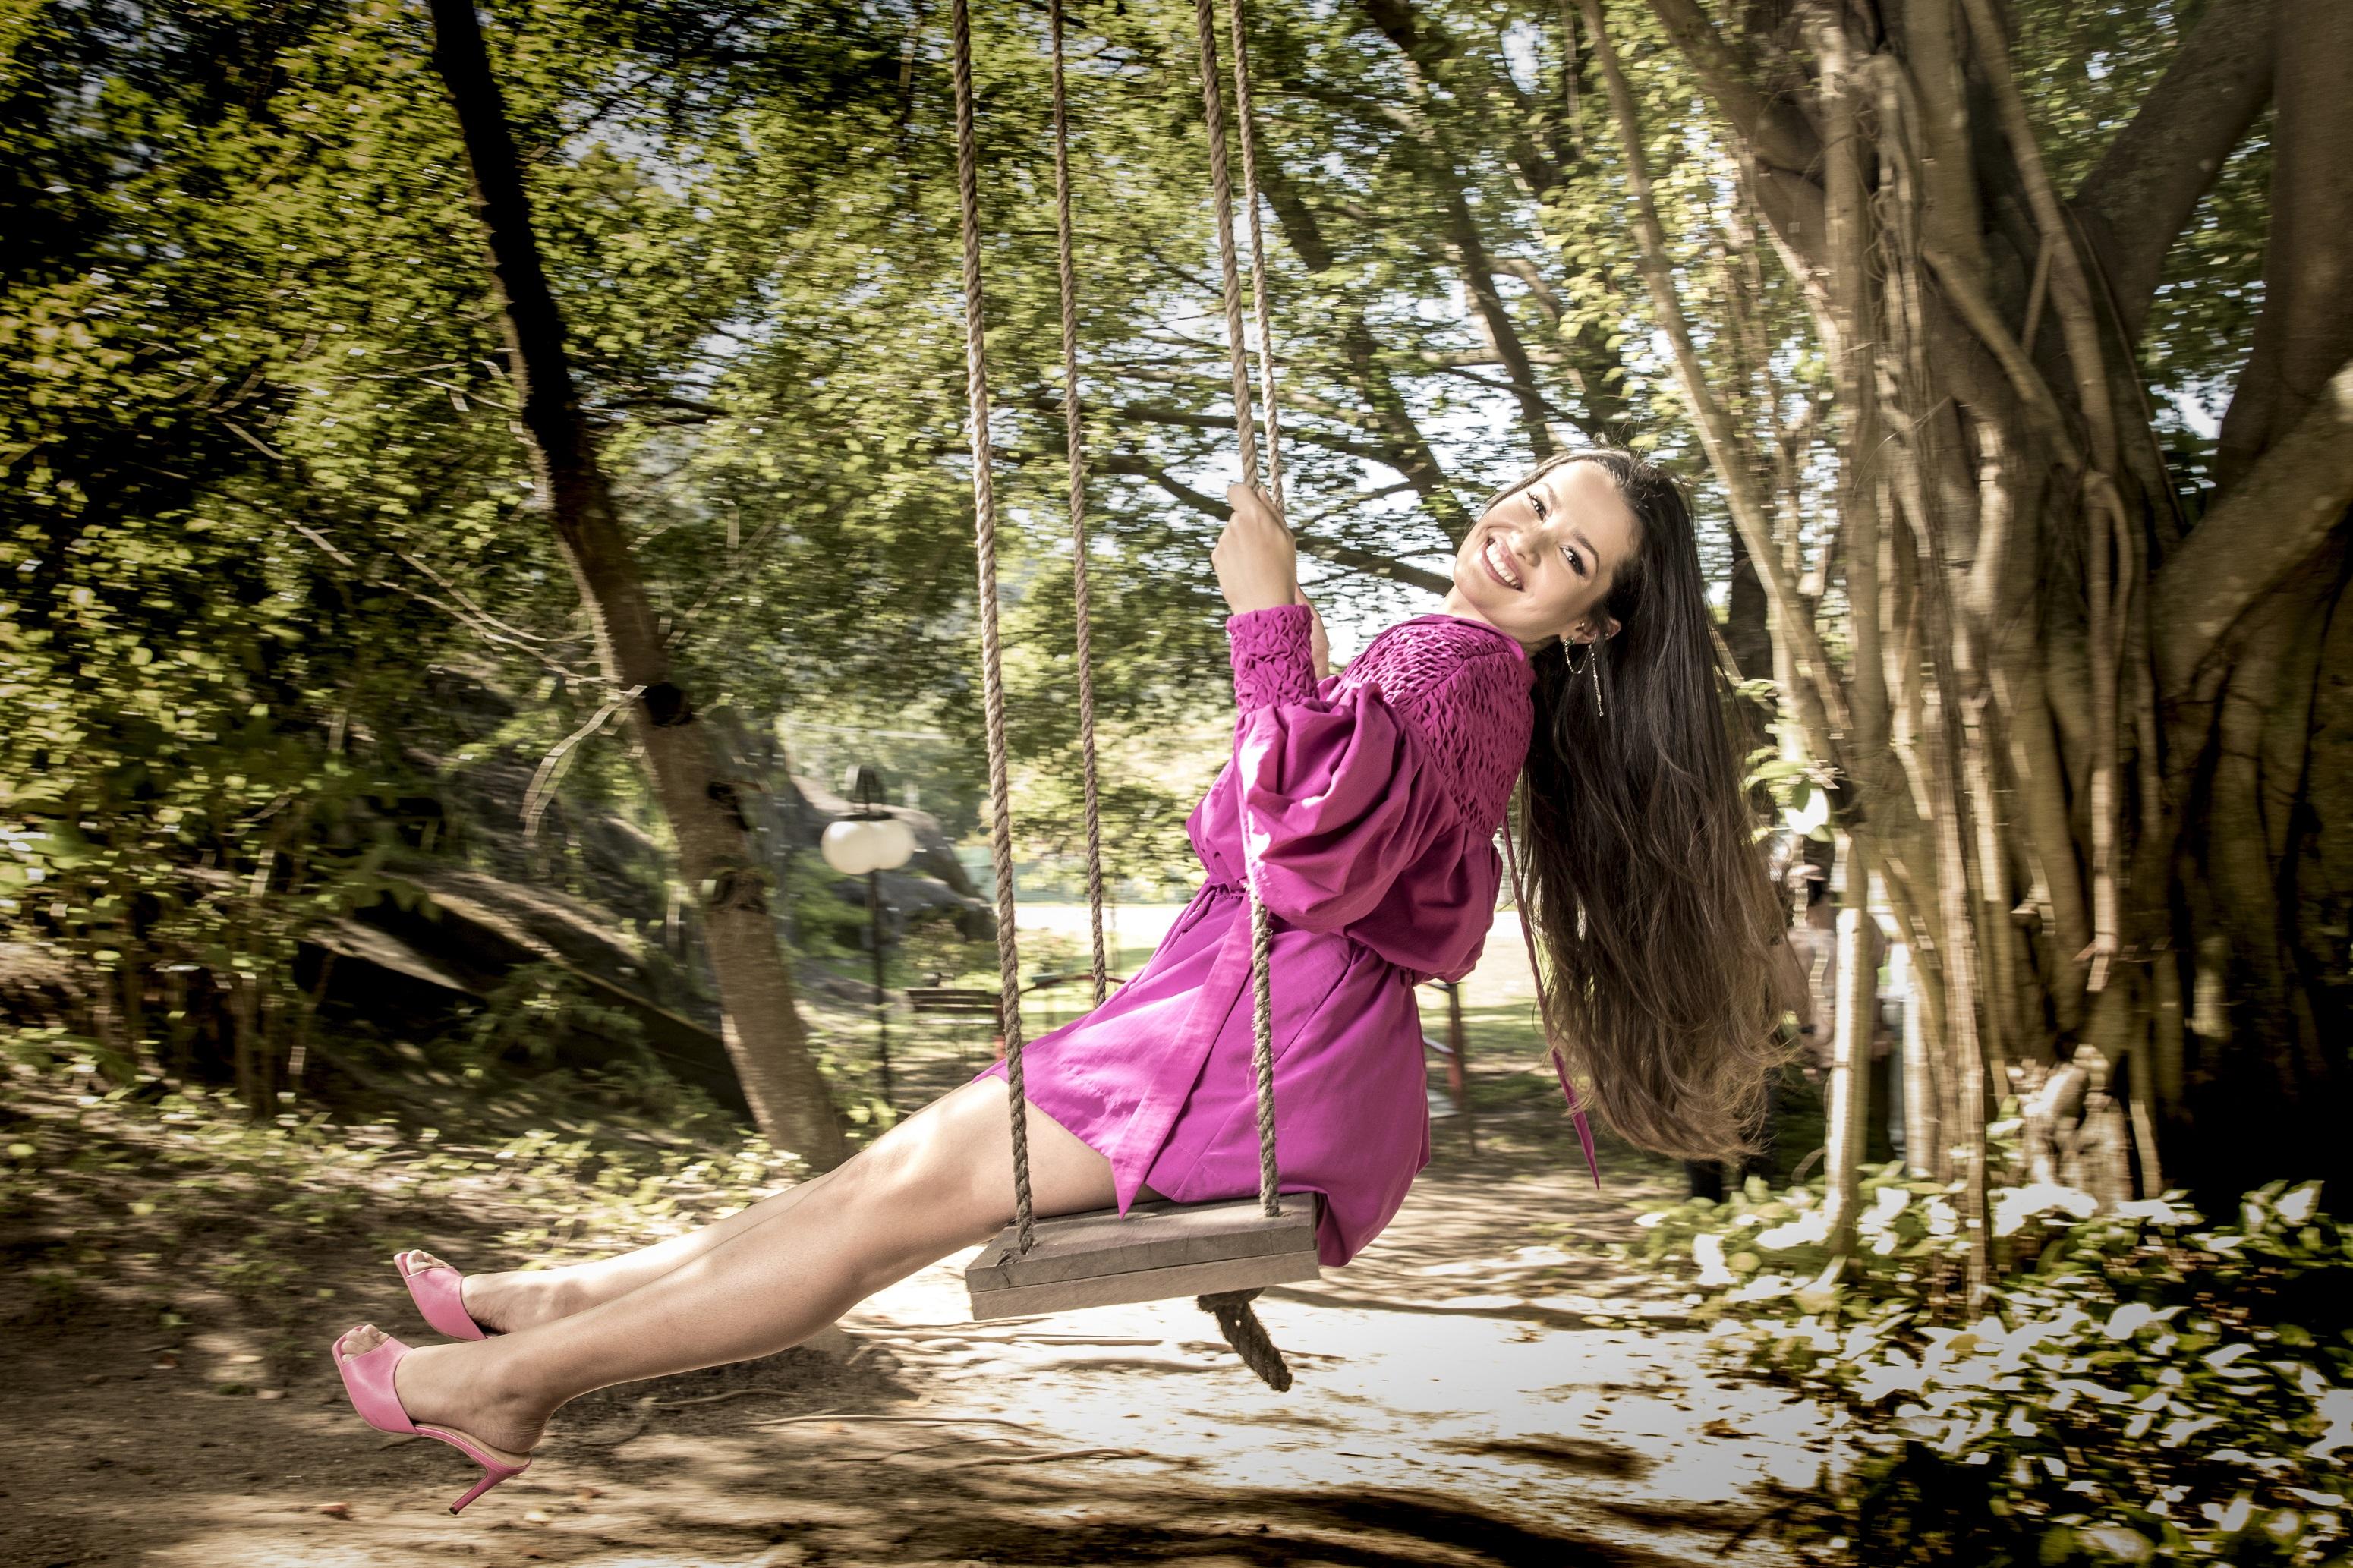 Juliette, vencedora do BBB21, em um balanço no meio de uma floresta usando um vestido rosa, sorrindo para câmera